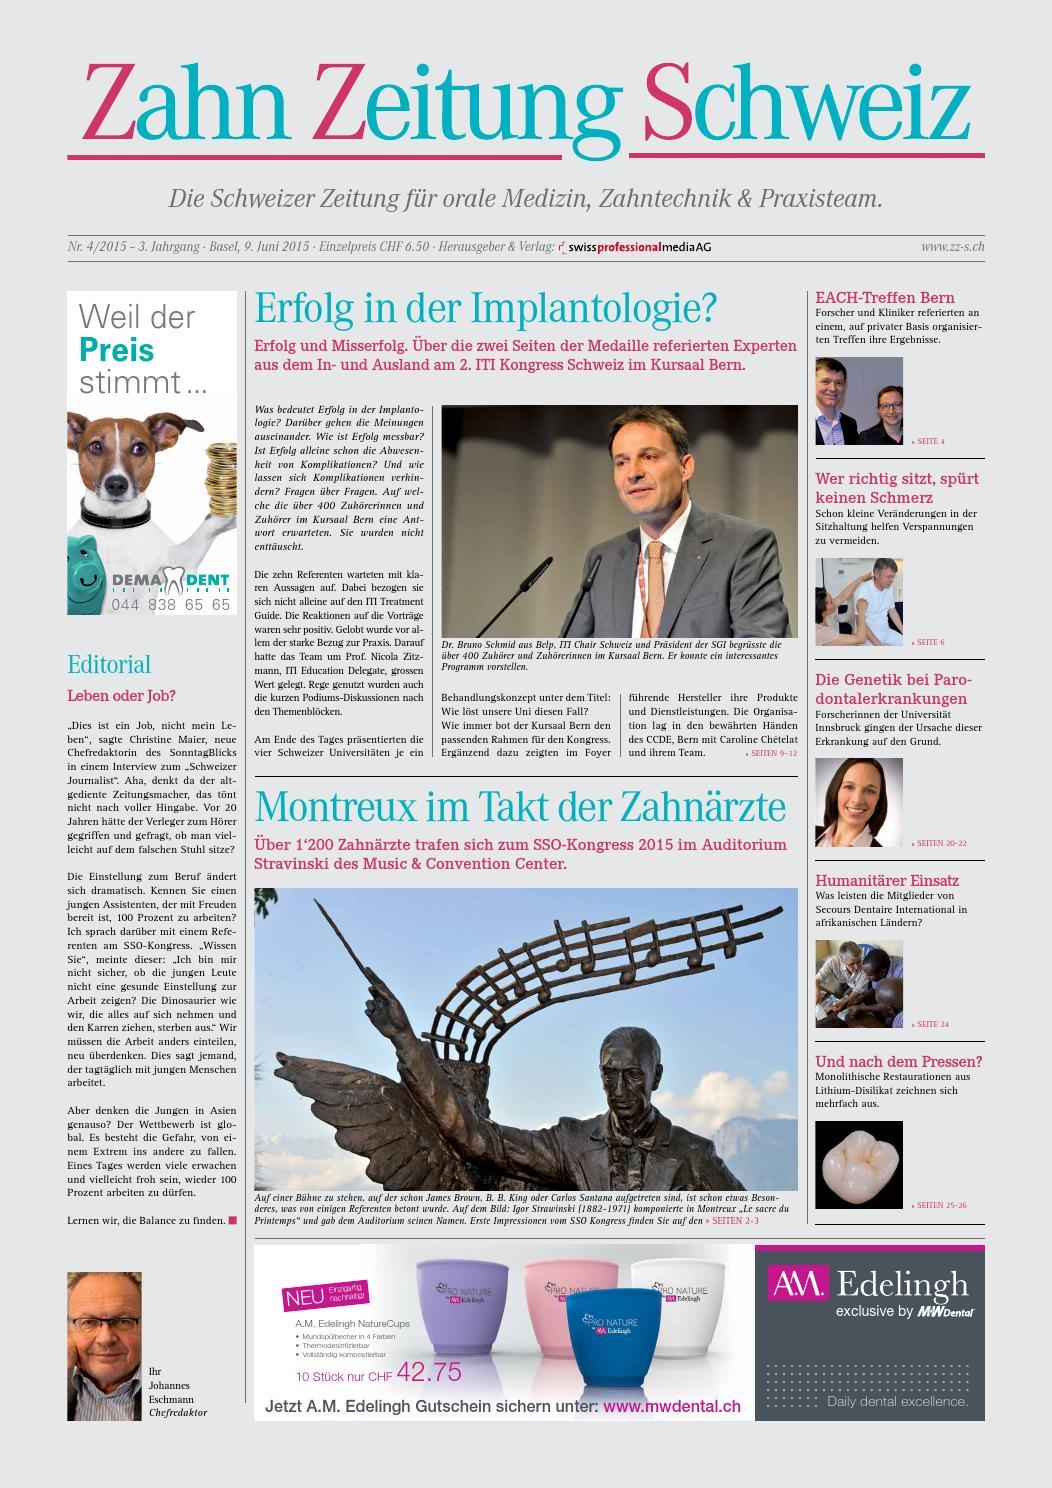 Zahn Zeitung Schweiz | Ausgabe 4/2015 by pixelversteher - issuu